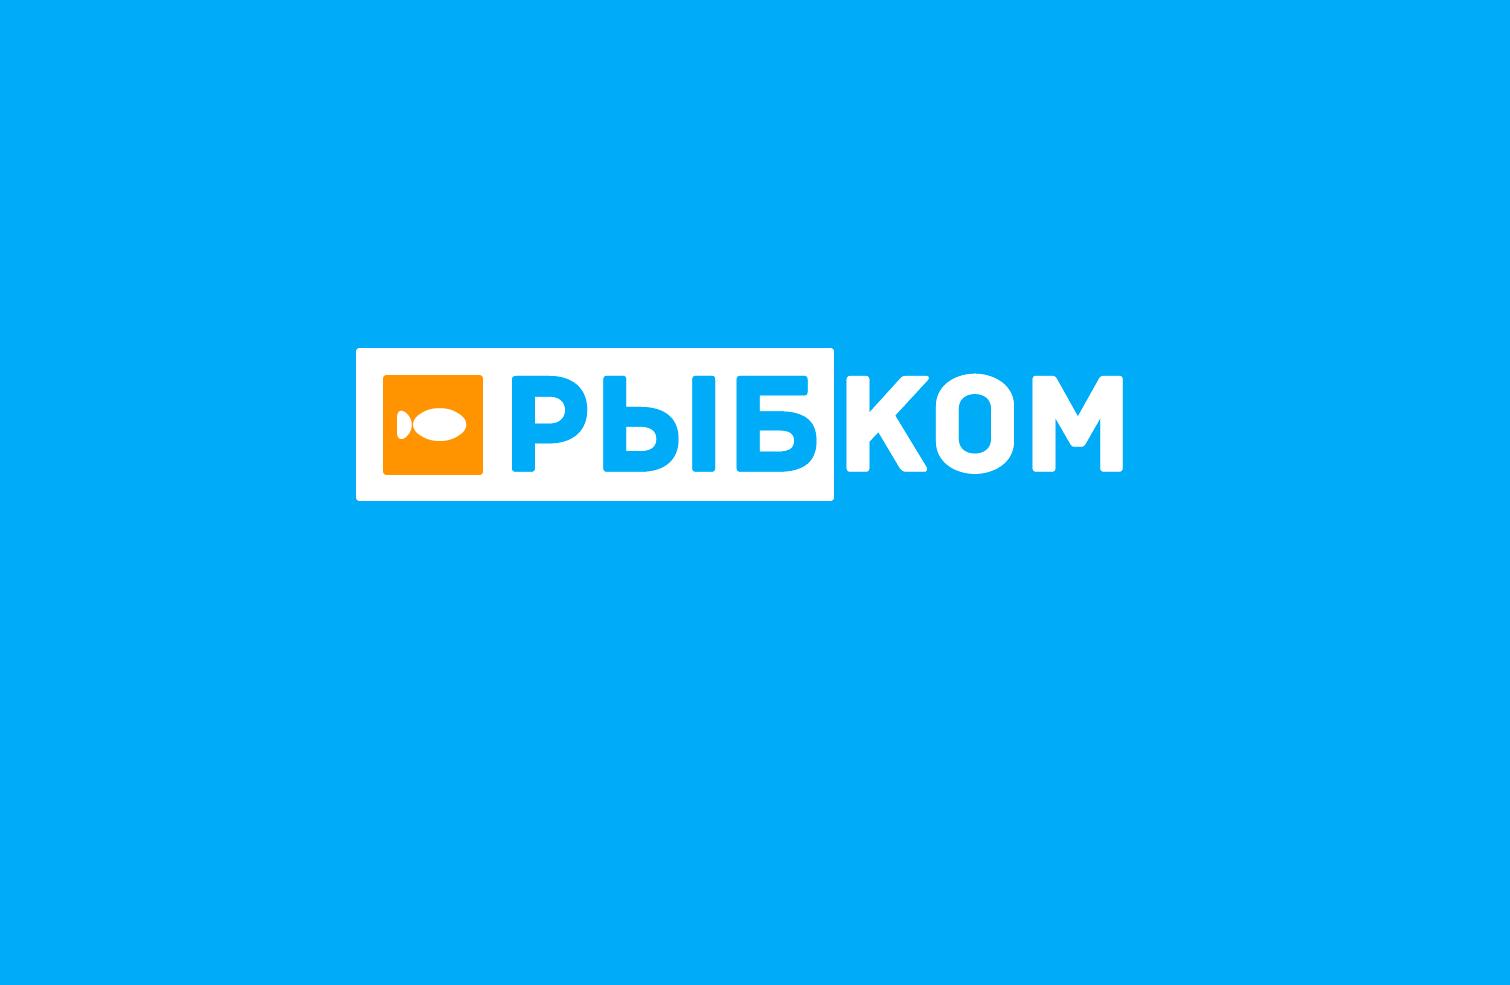 Создание логотипа и брэндбука для компании РЫБКОМ фото f_9215c091aafd0685.png